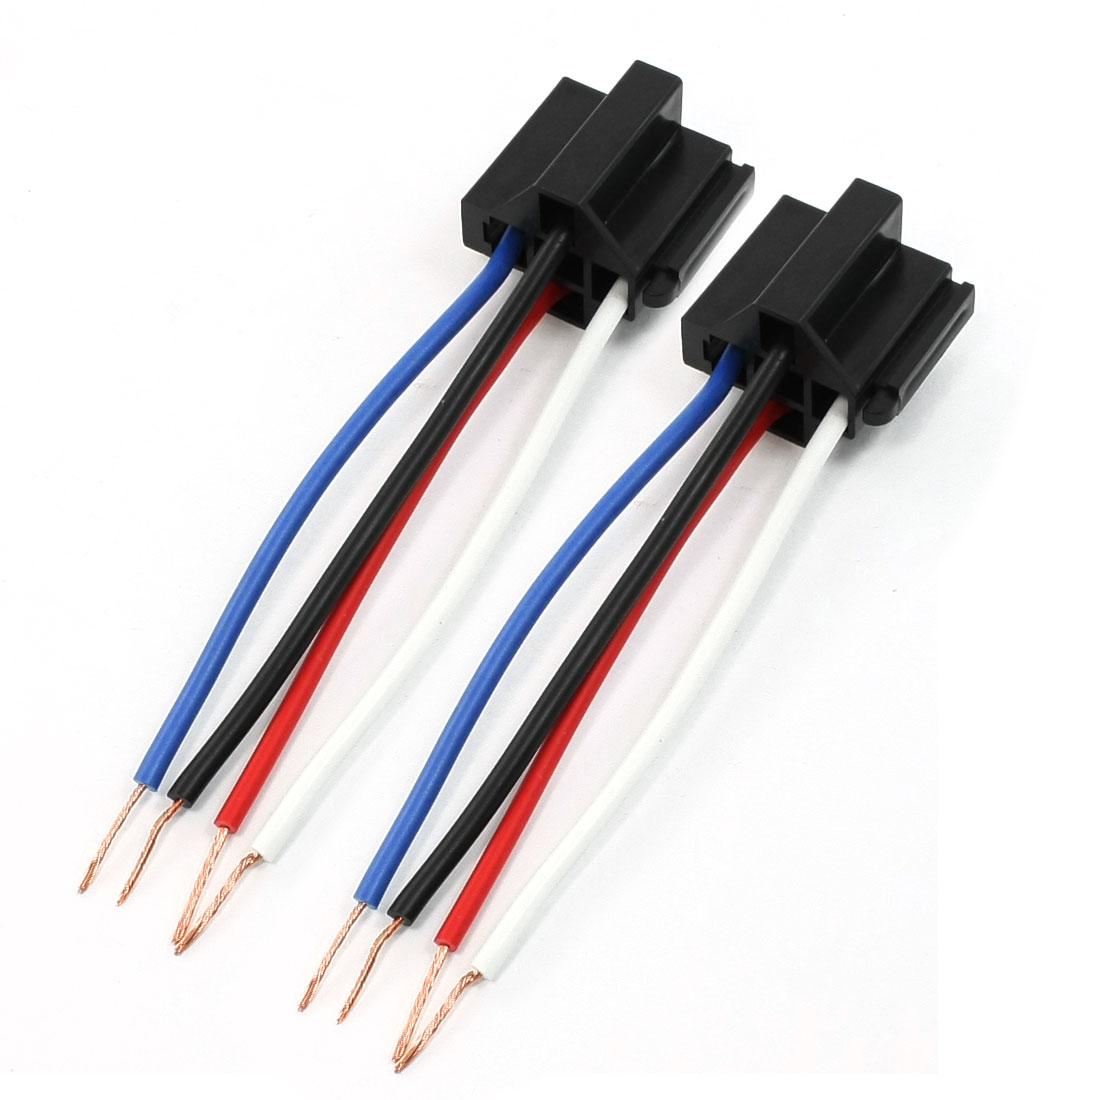 2 Pcs Car Vehicle Light Lamp Black Plastic Flat 4 Pin Female Socket